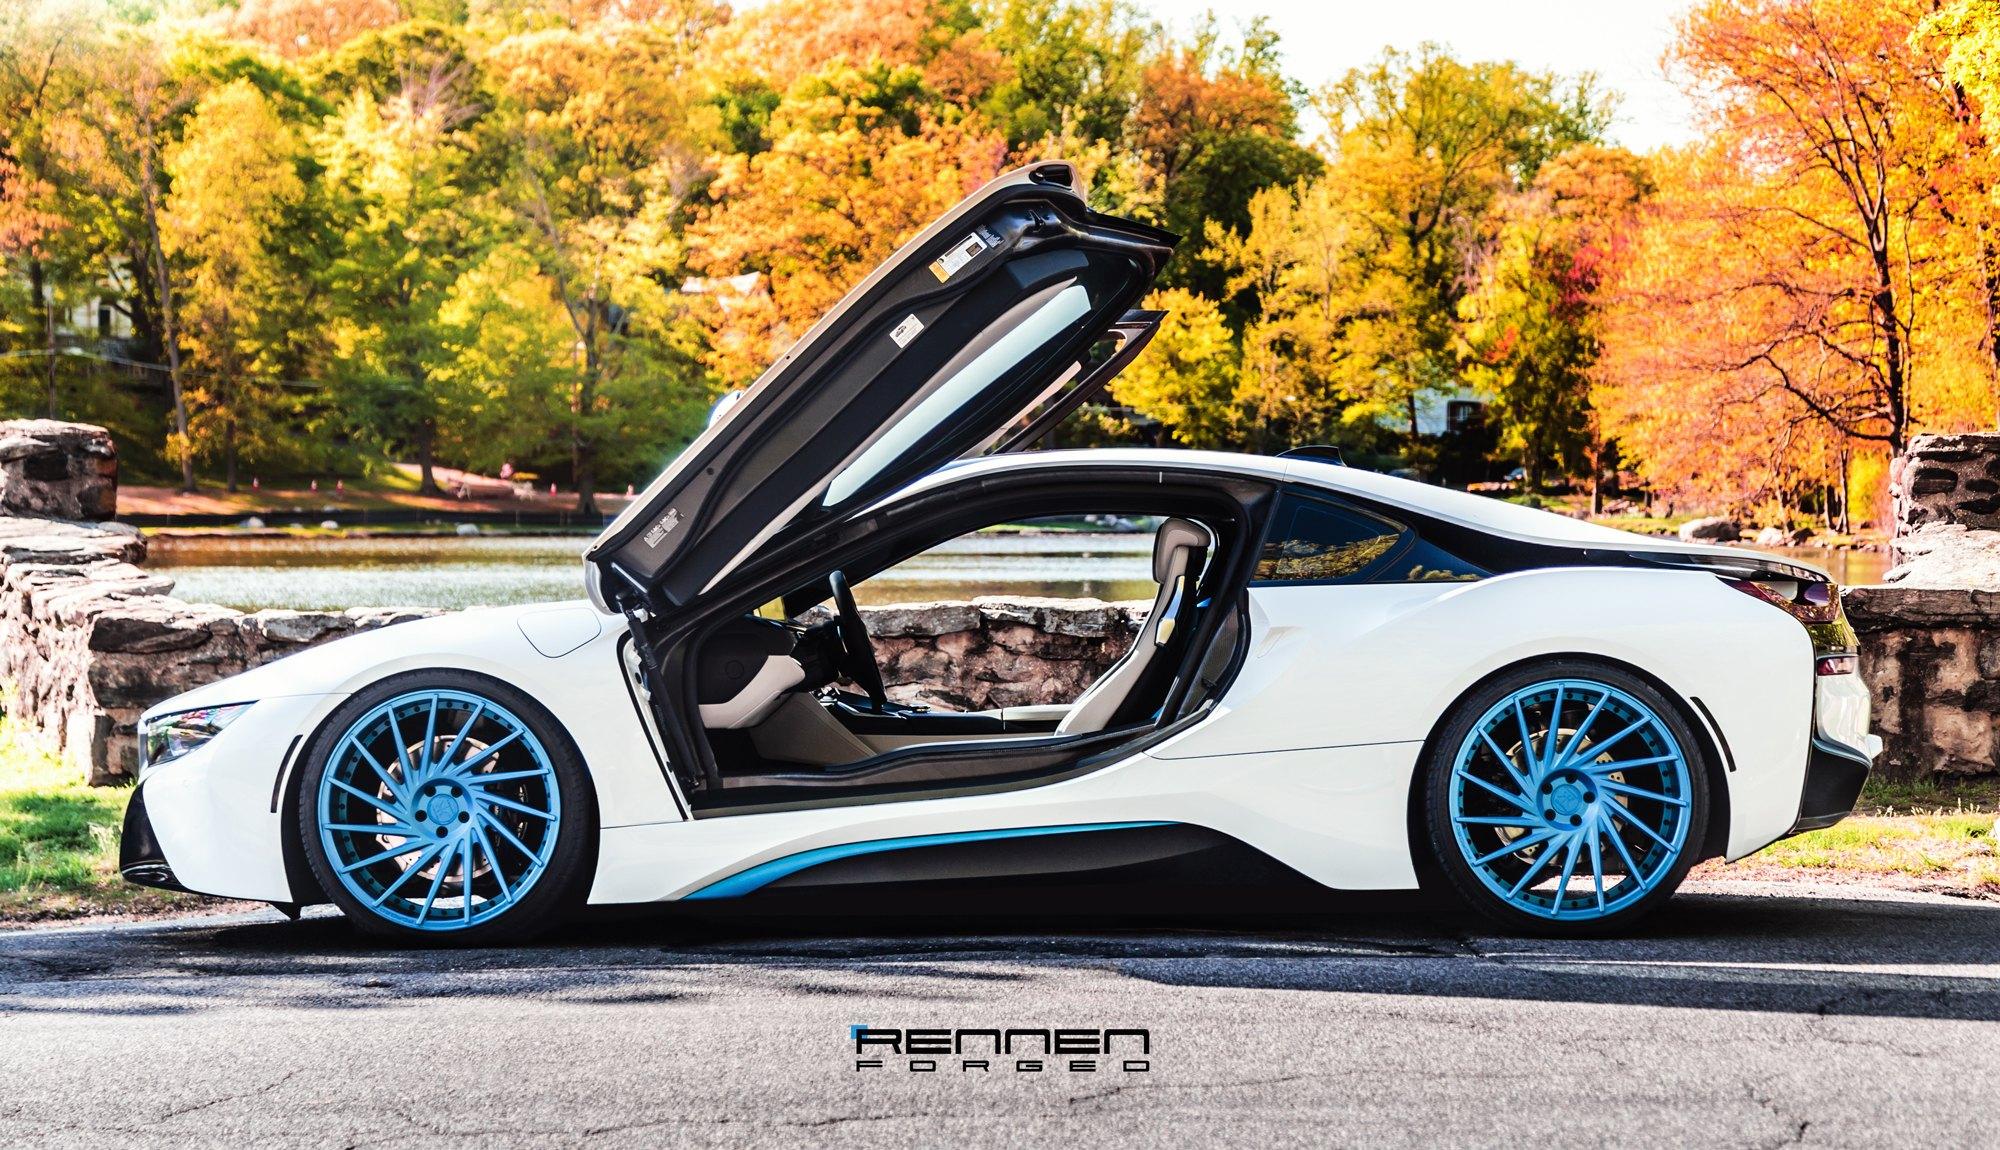 Revolutionary Machine White Bmw I8 On Blue Forged Rennen Wheels